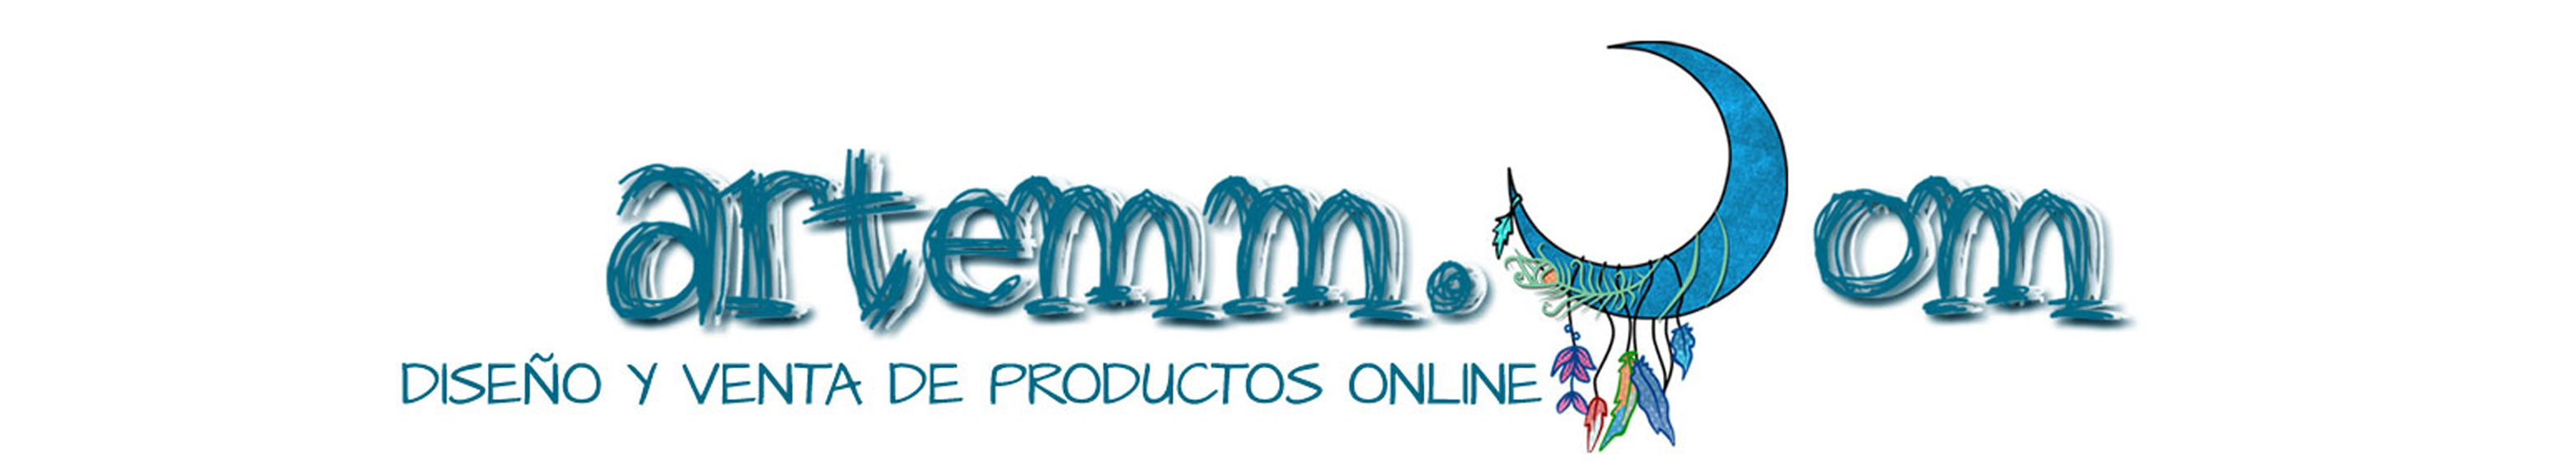 artemm.com